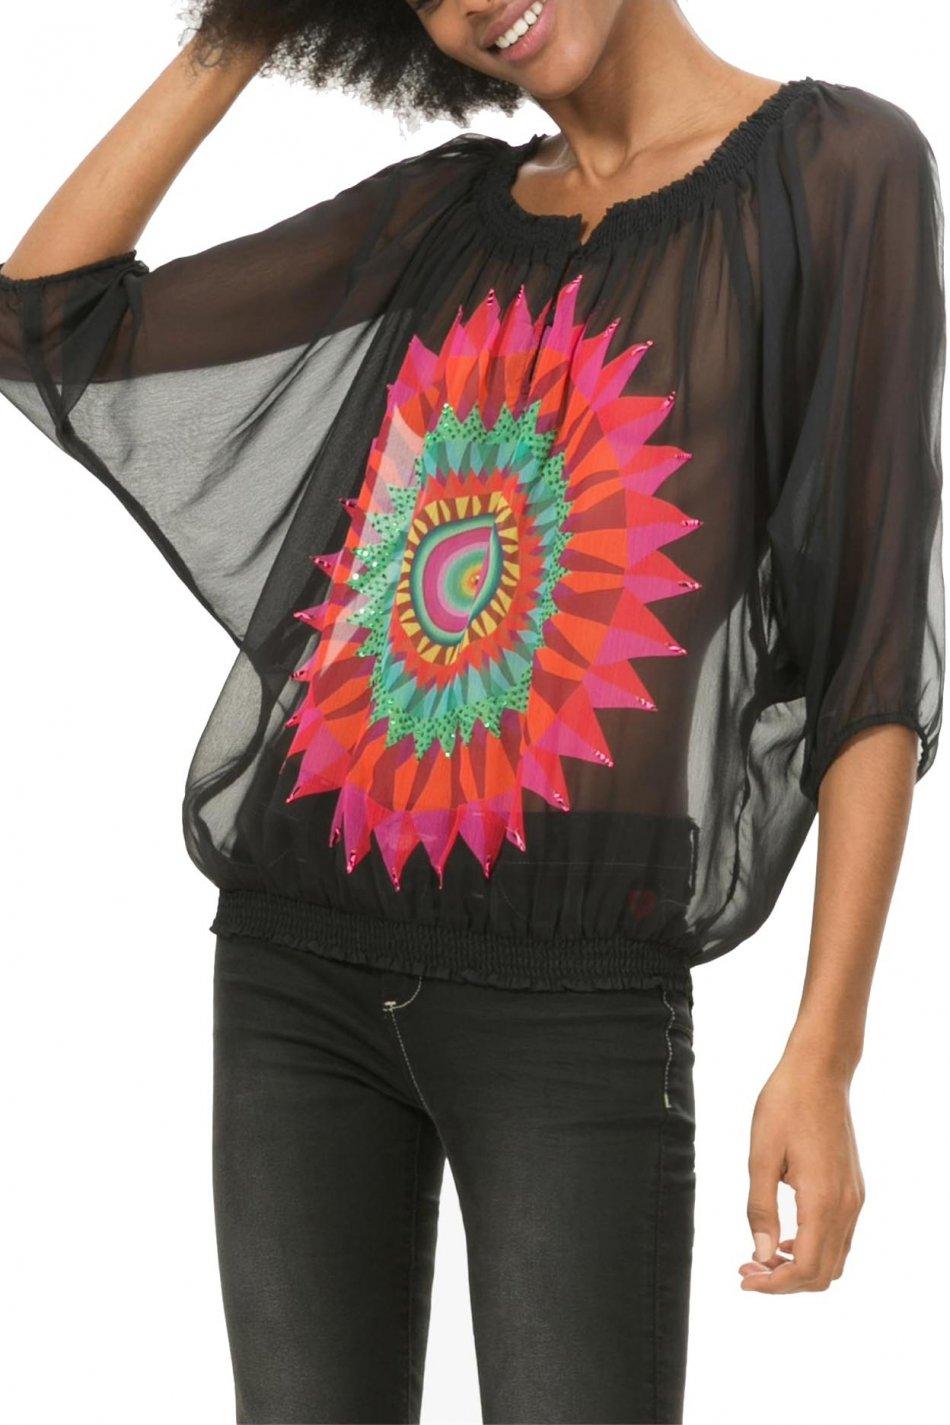 Bluza dama transparent, Desigual, Negru cu imprimeu multicolor, S EU